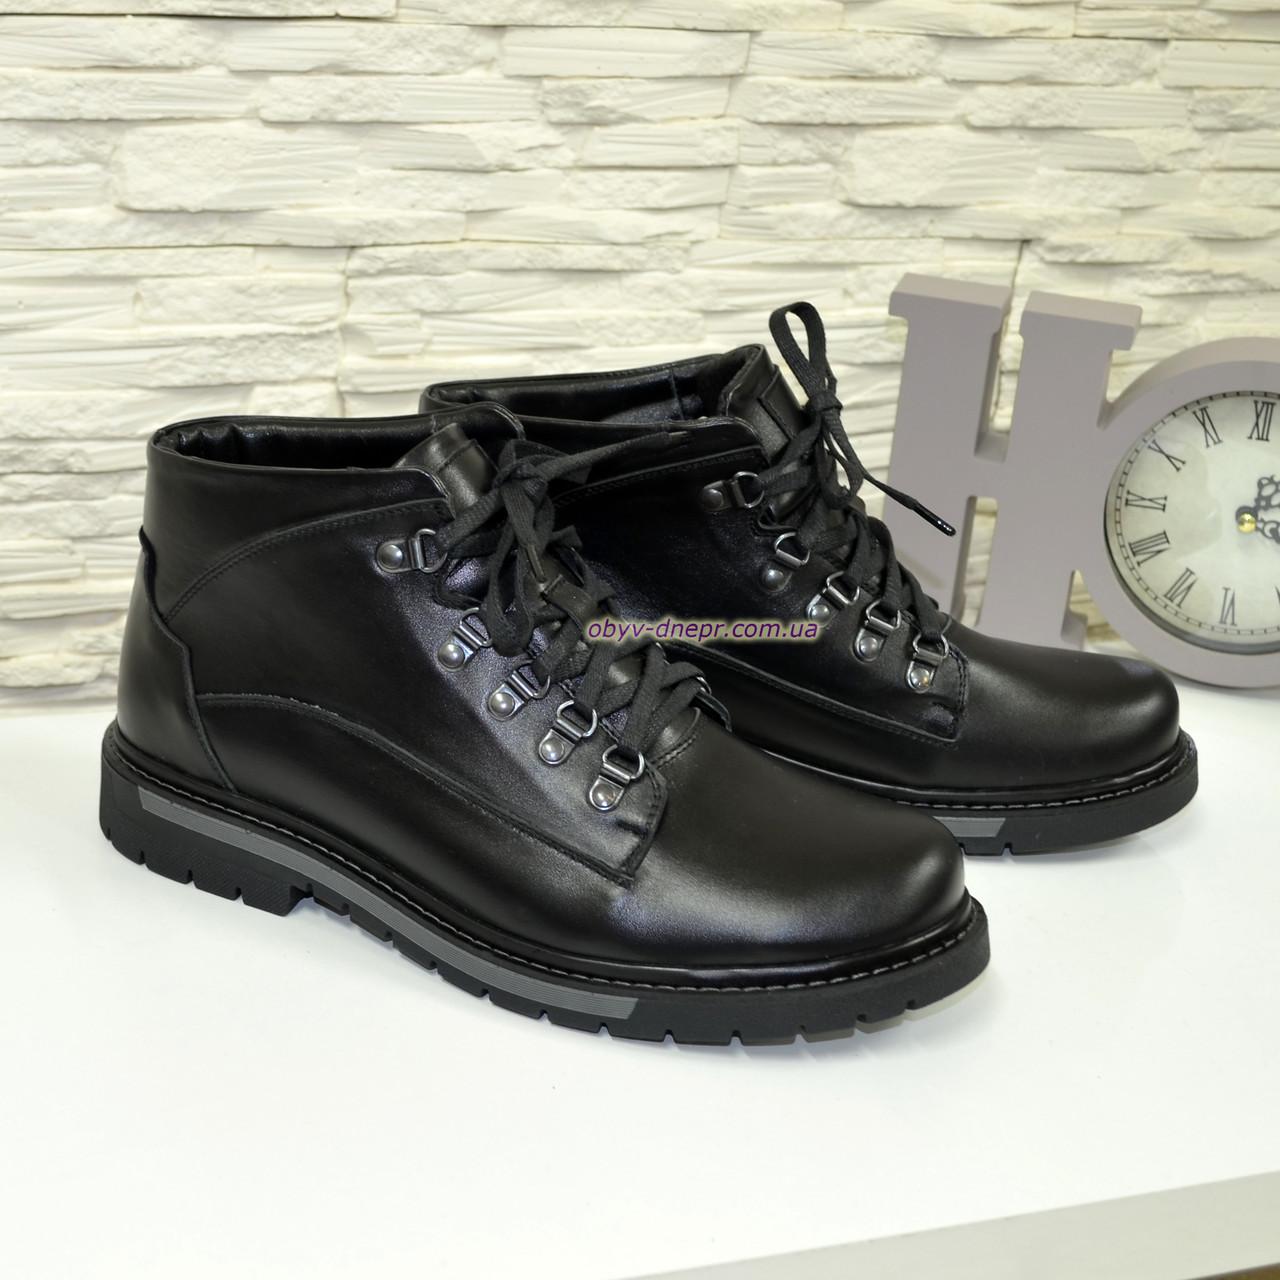 Черевики чоловічі на шнурівці, натуральна шкіра чорного кольору